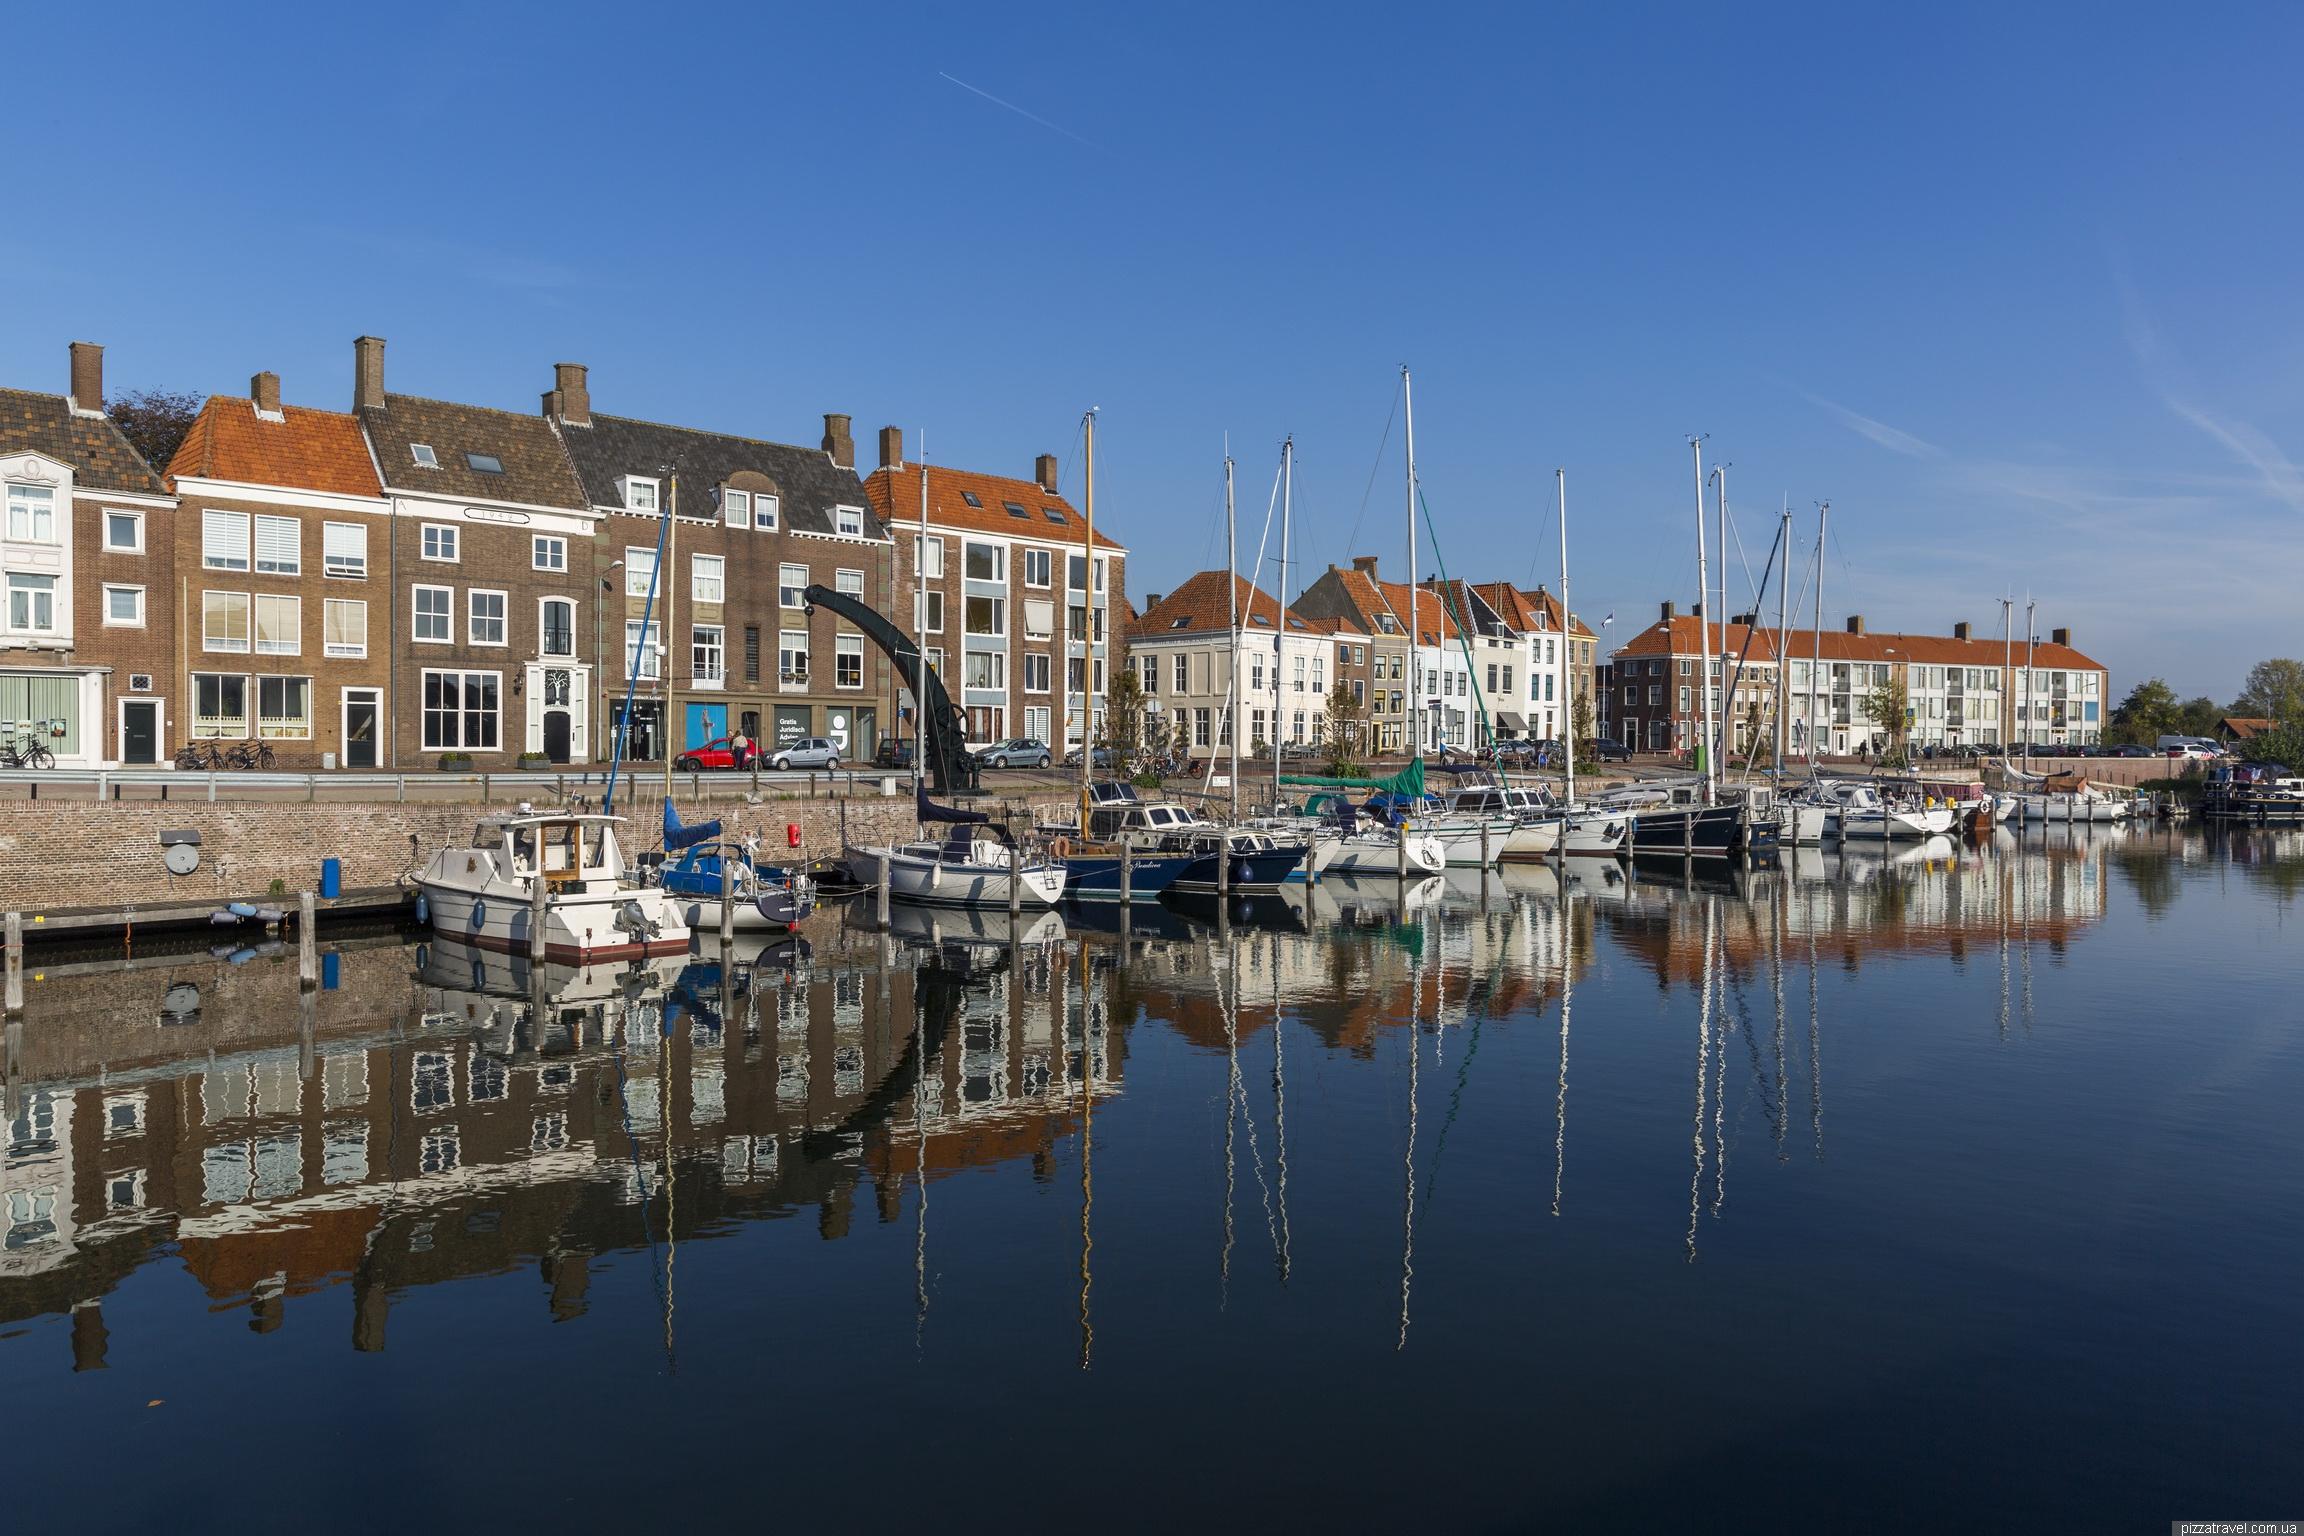 Middelburg Netherlands Blog About Interesting Places